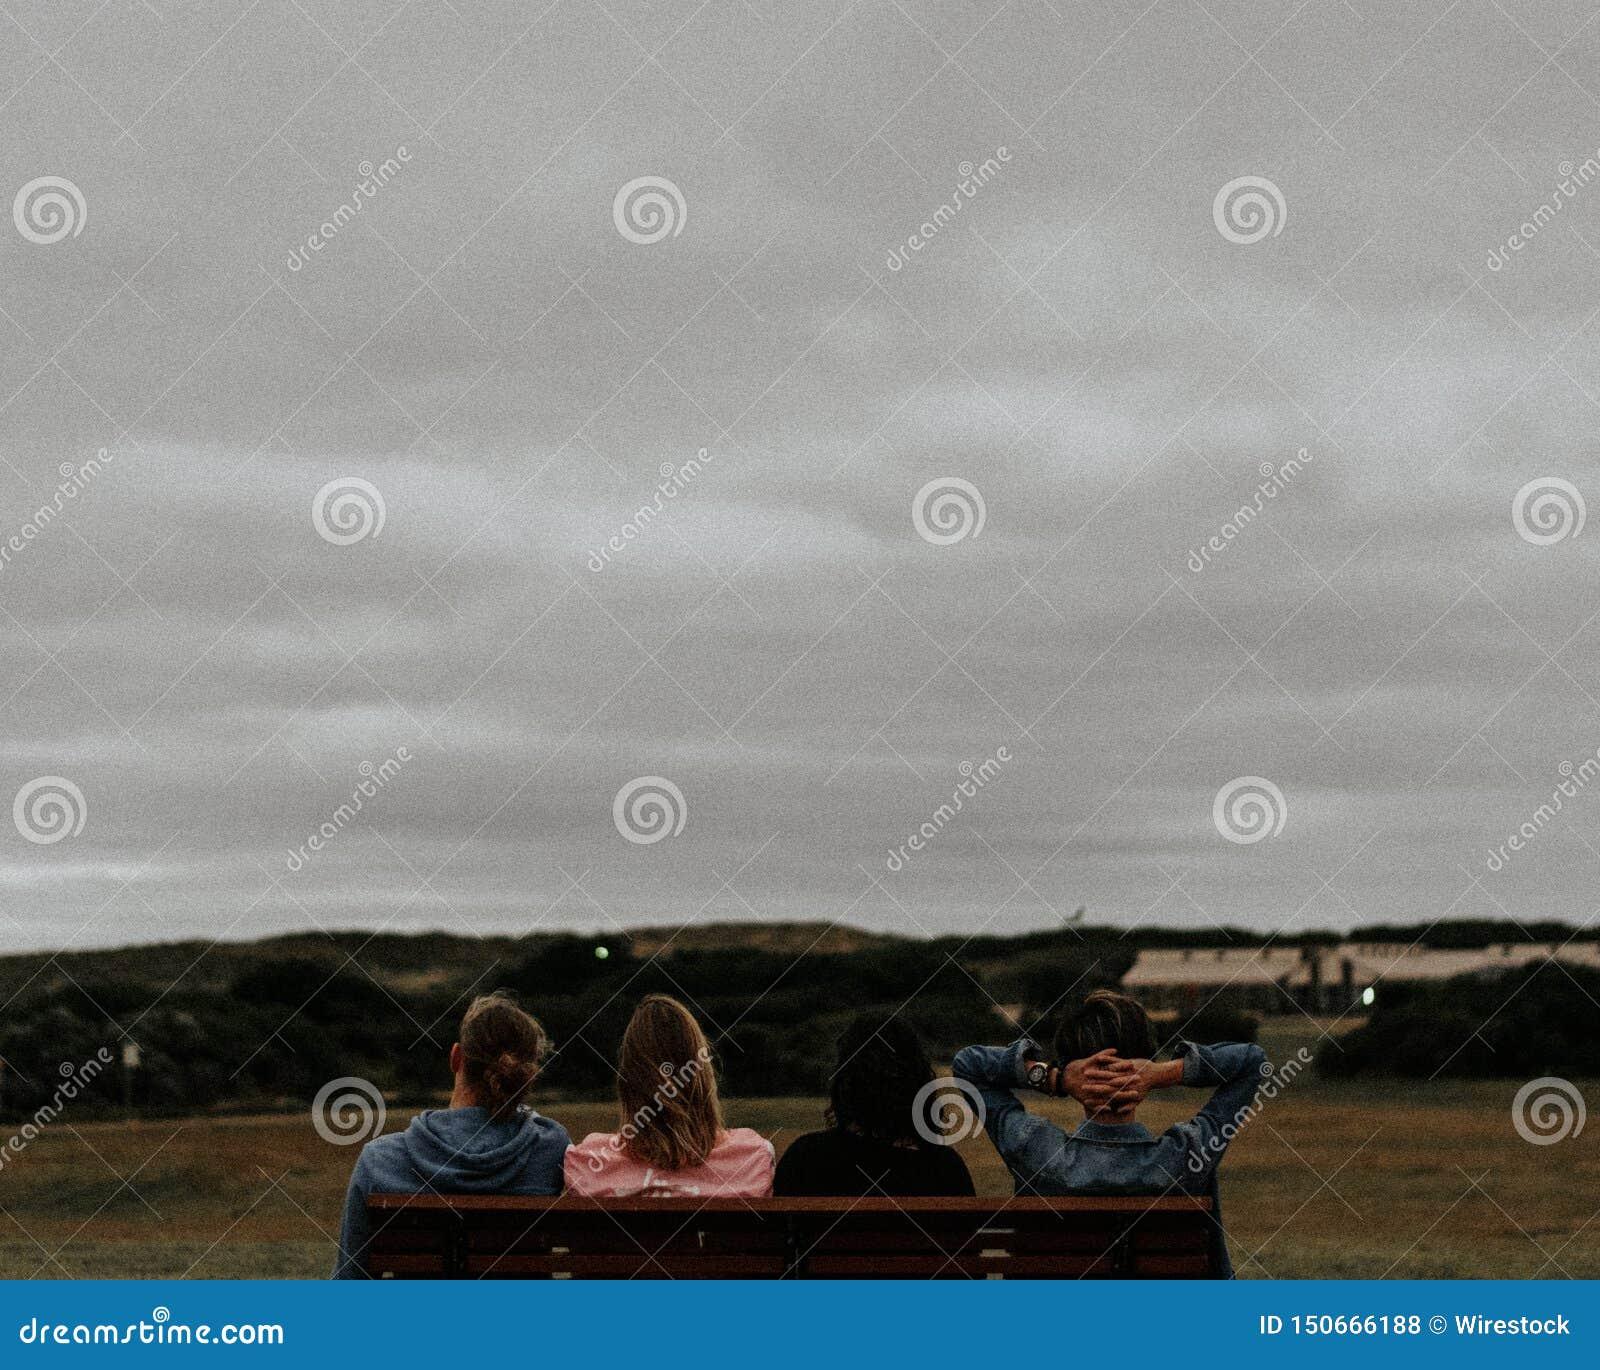 Groep jonge volwassenen die op een bank zitten en van de mening van oriëntatiepunten en grijze hemel genieten